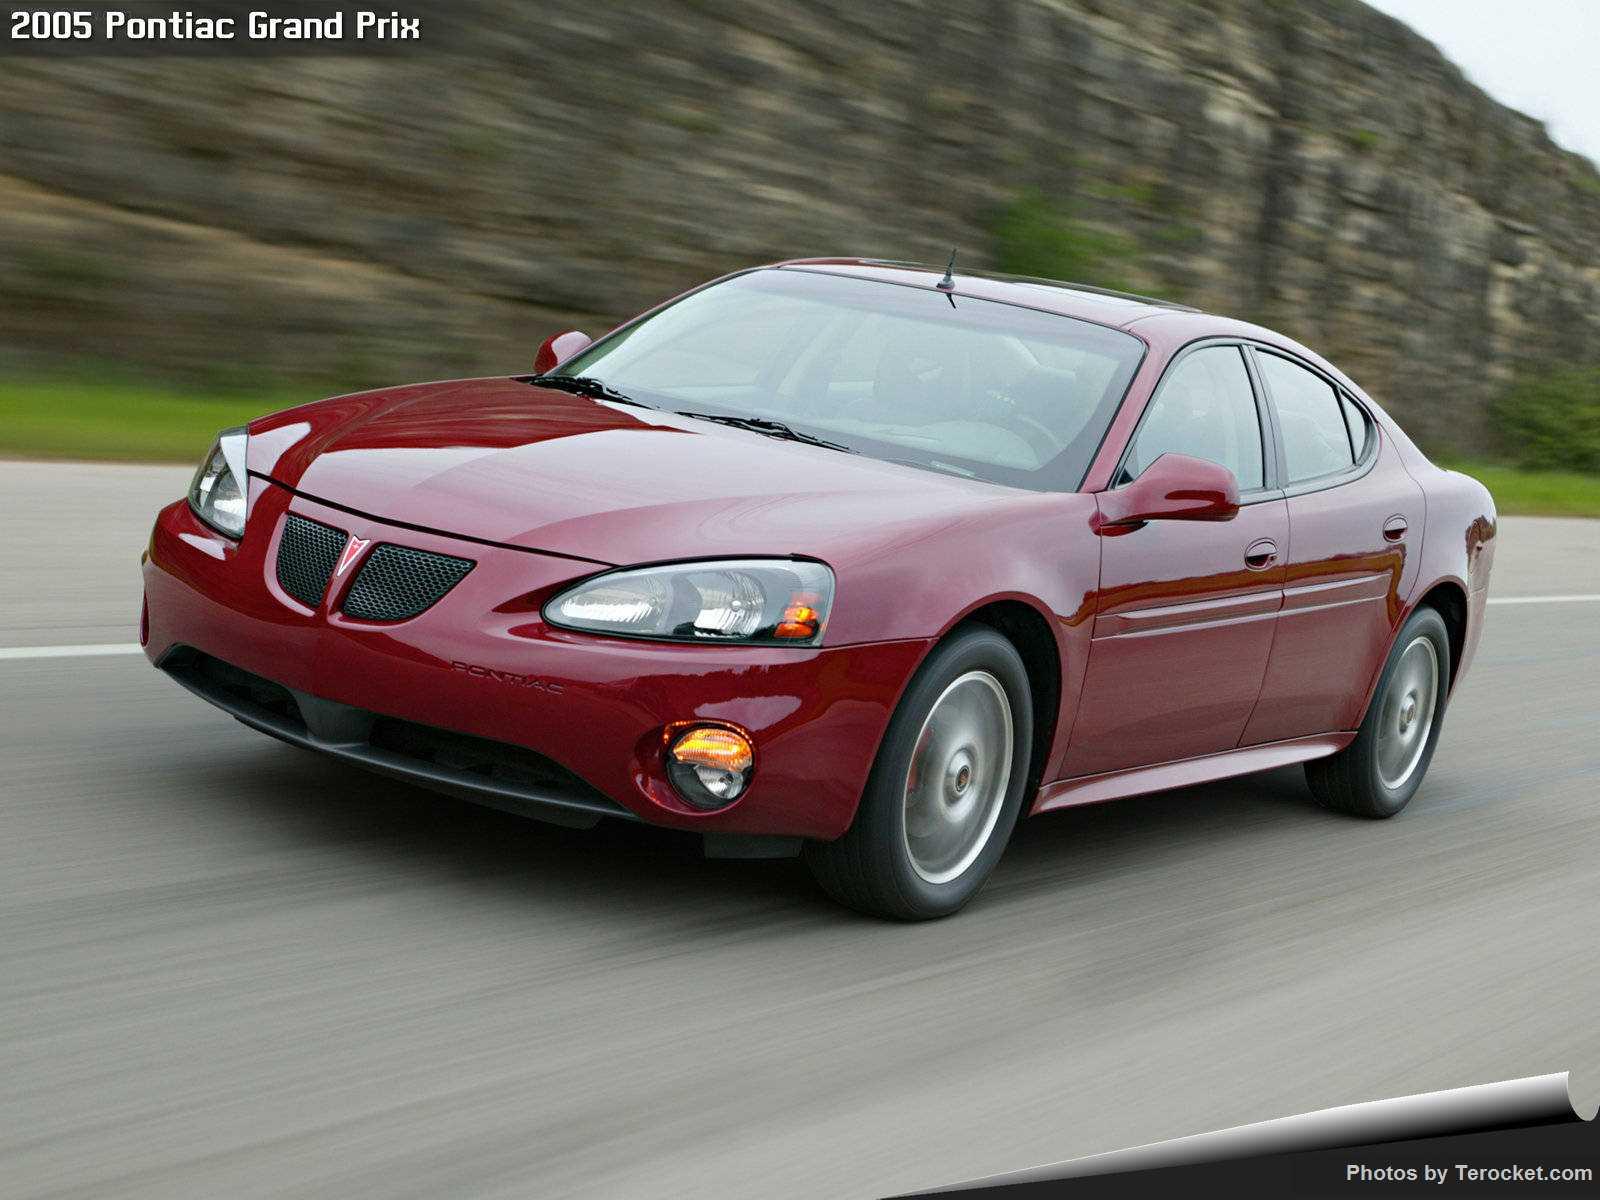 Hình ảnh xe ô tô Pontiac Grand Prix 2005 & nội ngoại thất